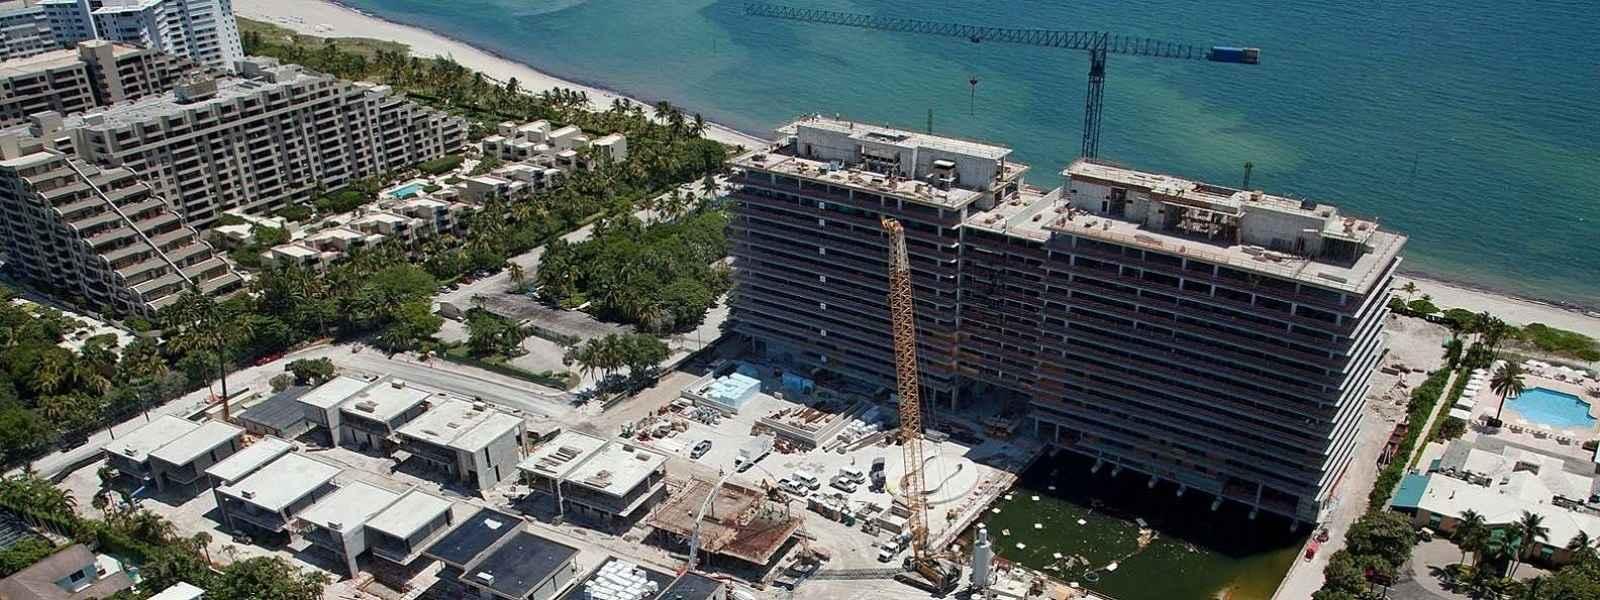 MiamiApartmentConstruction